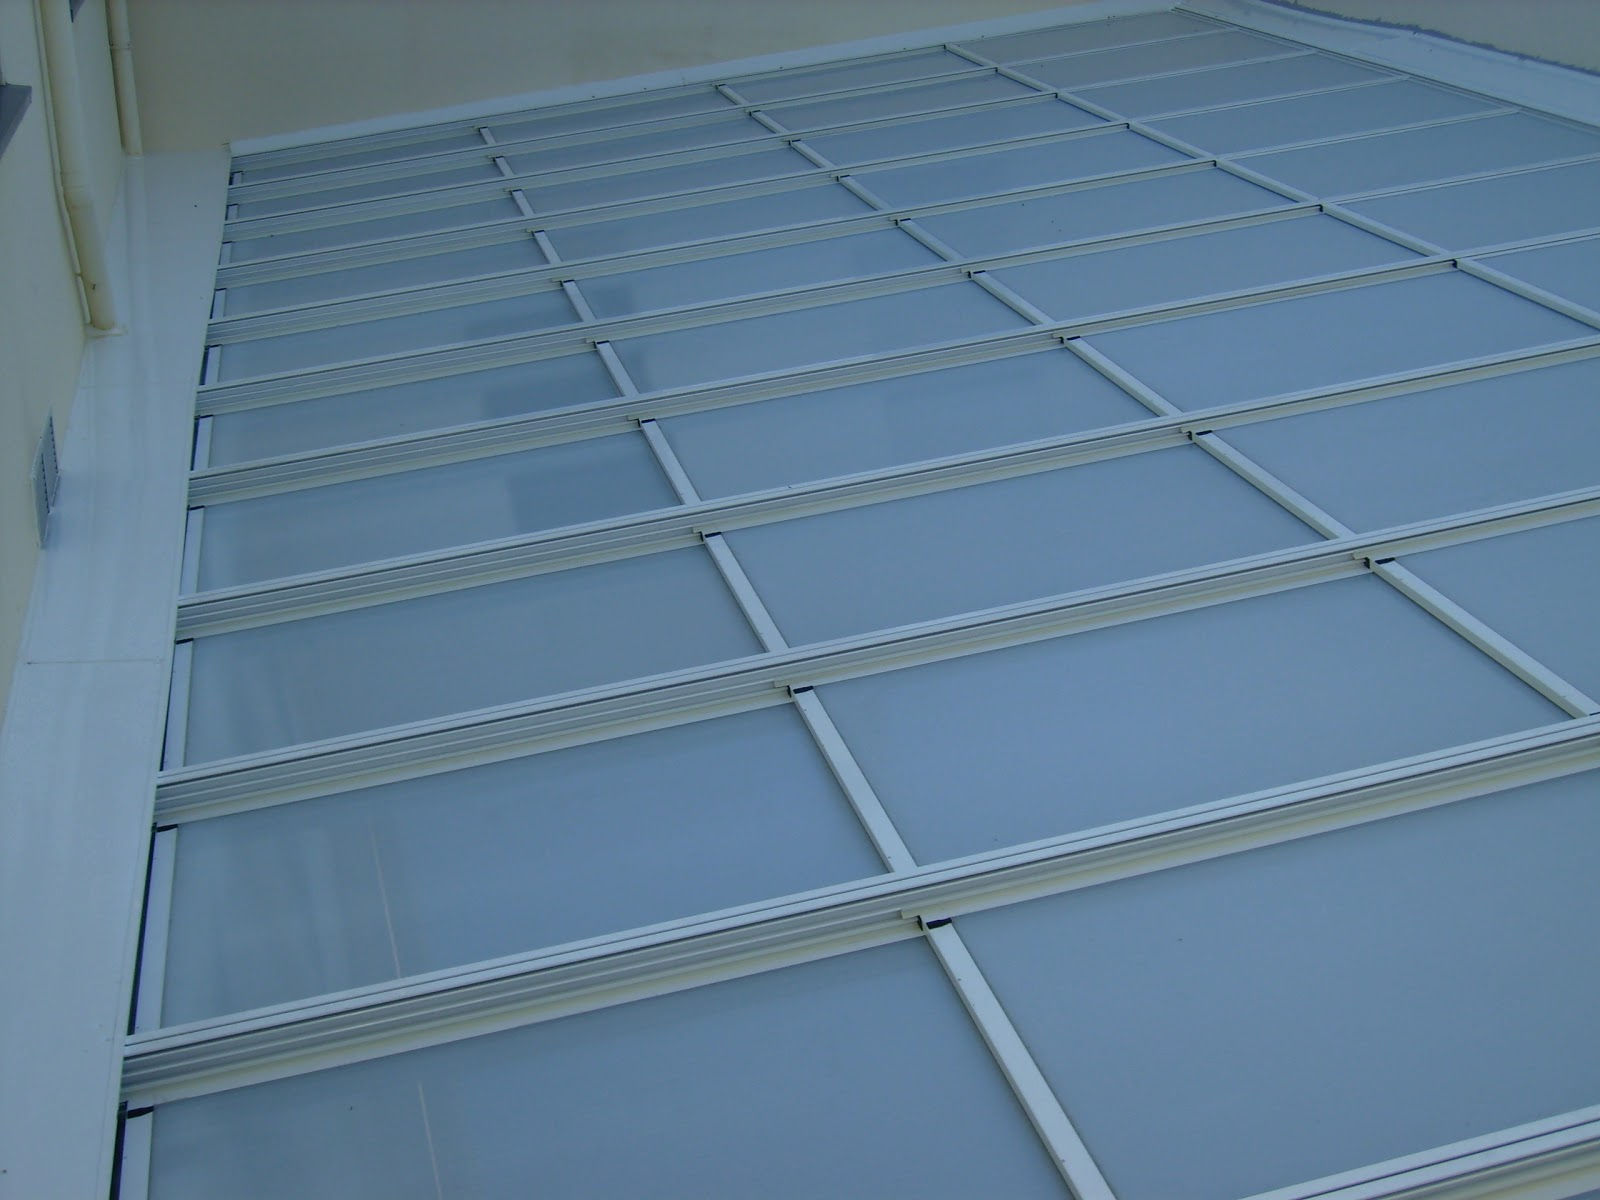 Ventajas de los tejados de policarbonato tejados y for Tejados prefabricados